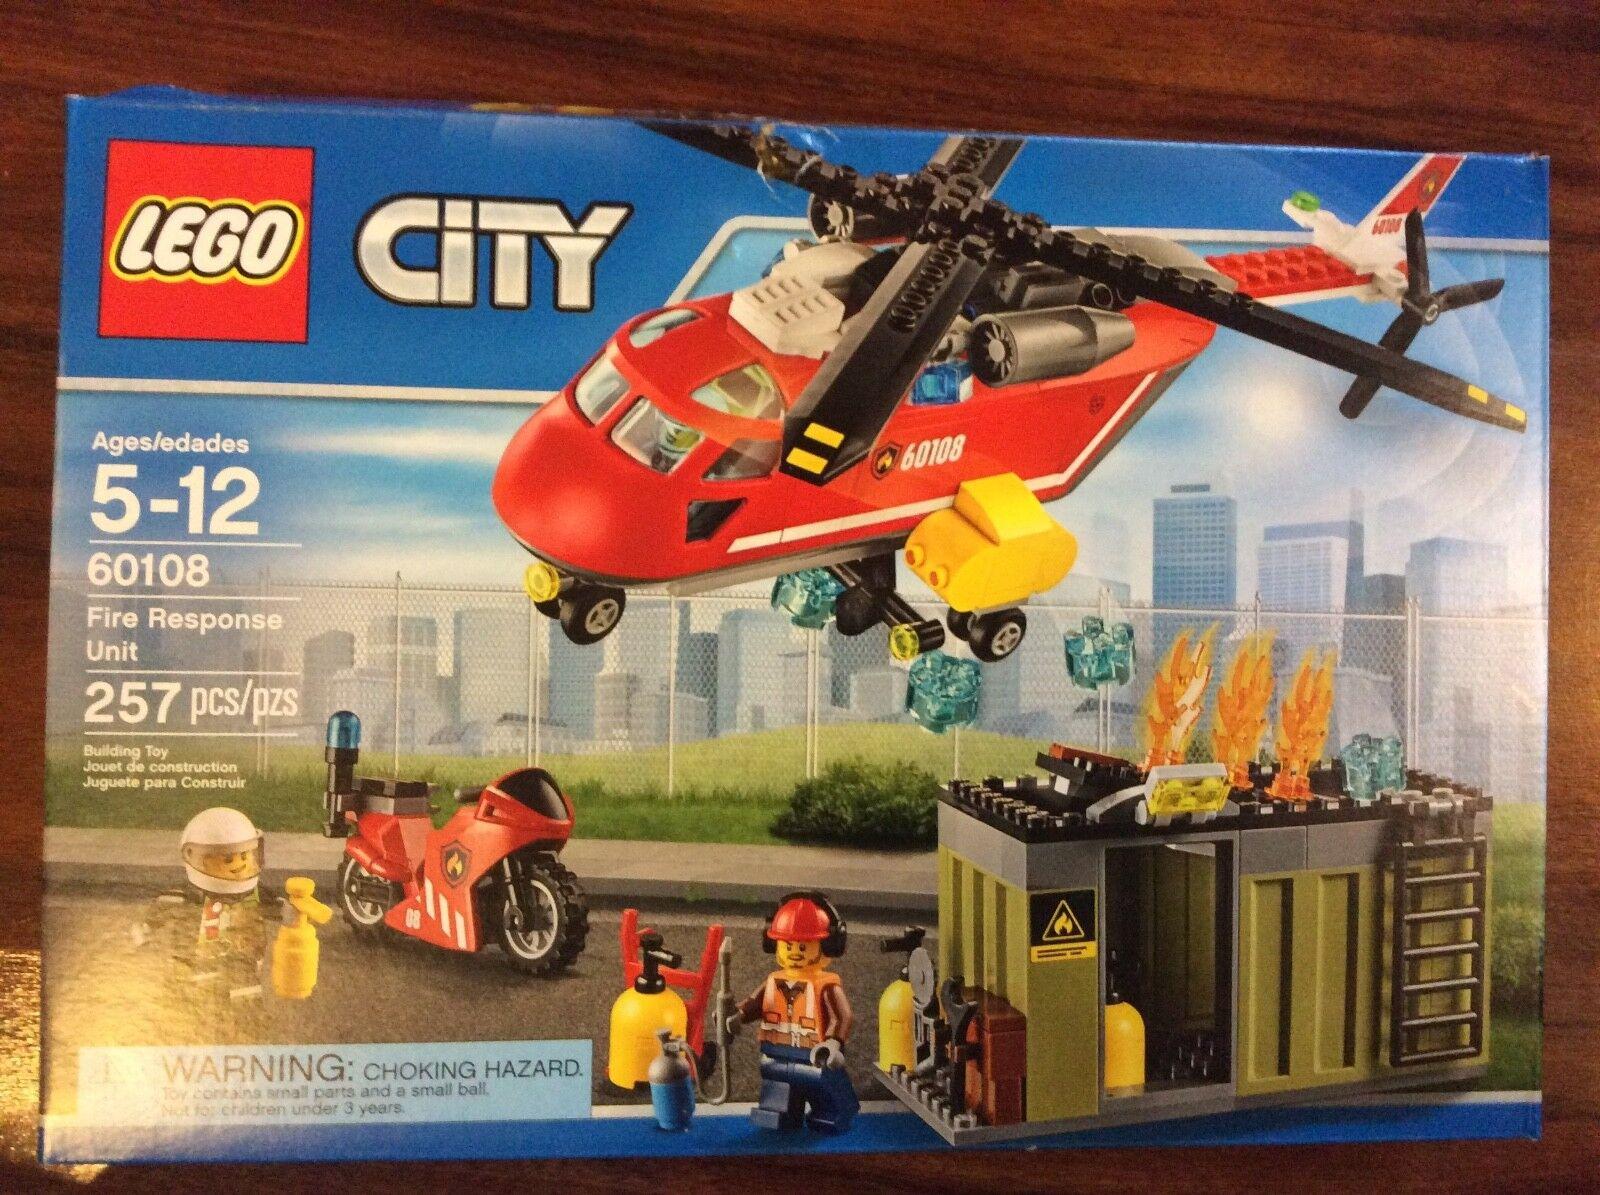 New Lego City Fire Response Unit set 60108 in Sealed Damaged Box